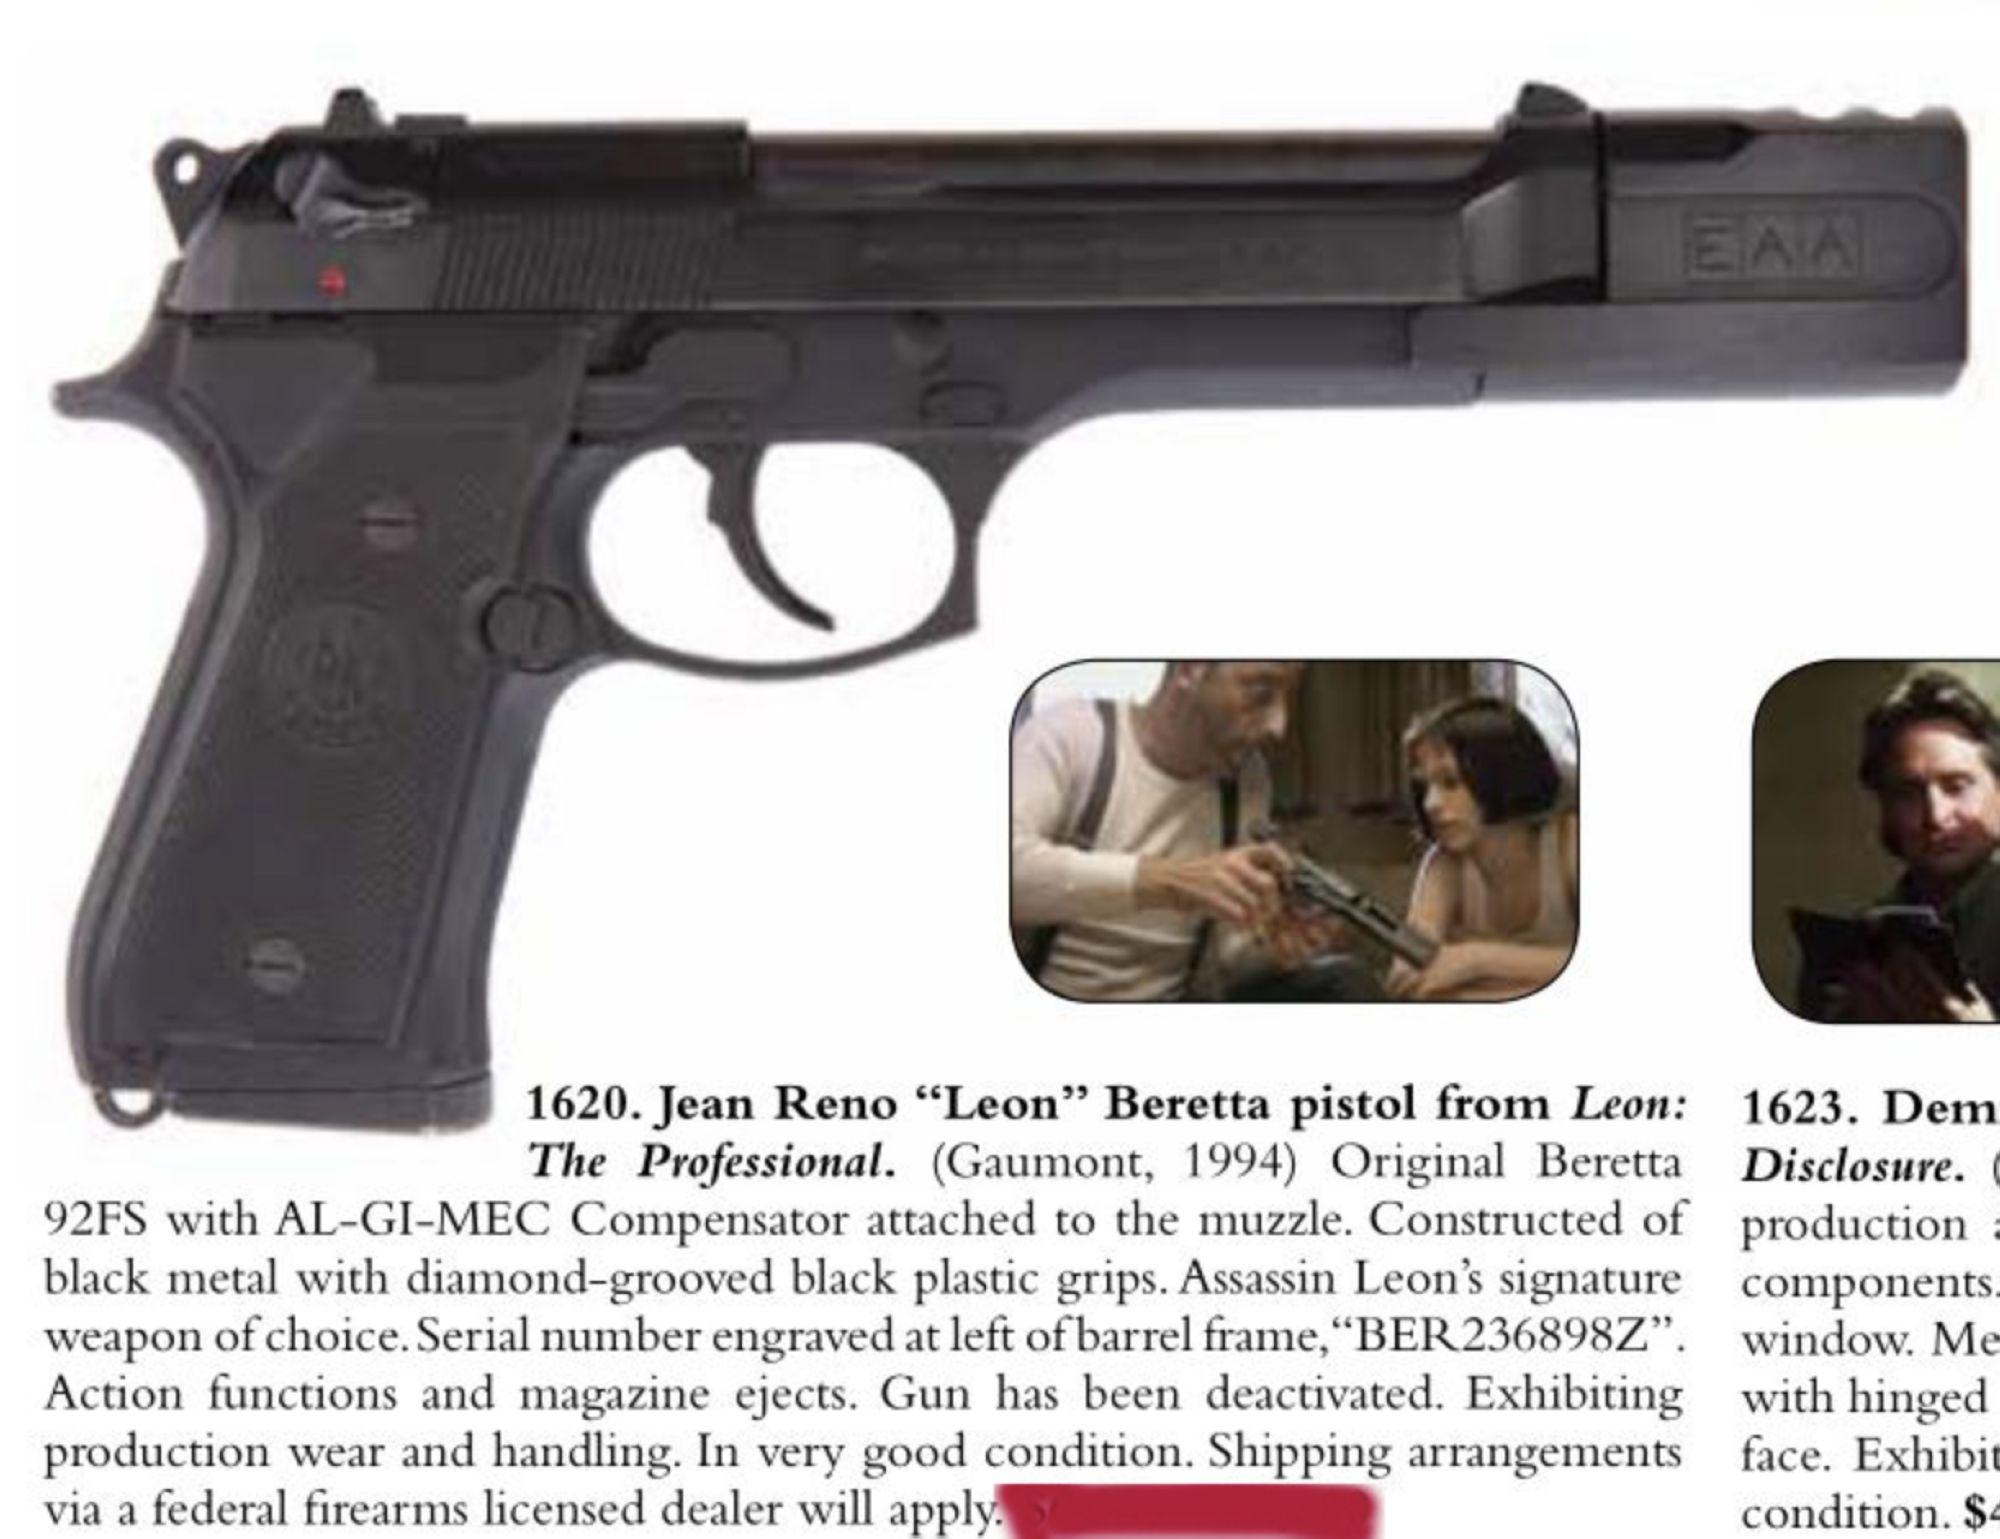 01-The-Proffesional's-Gun